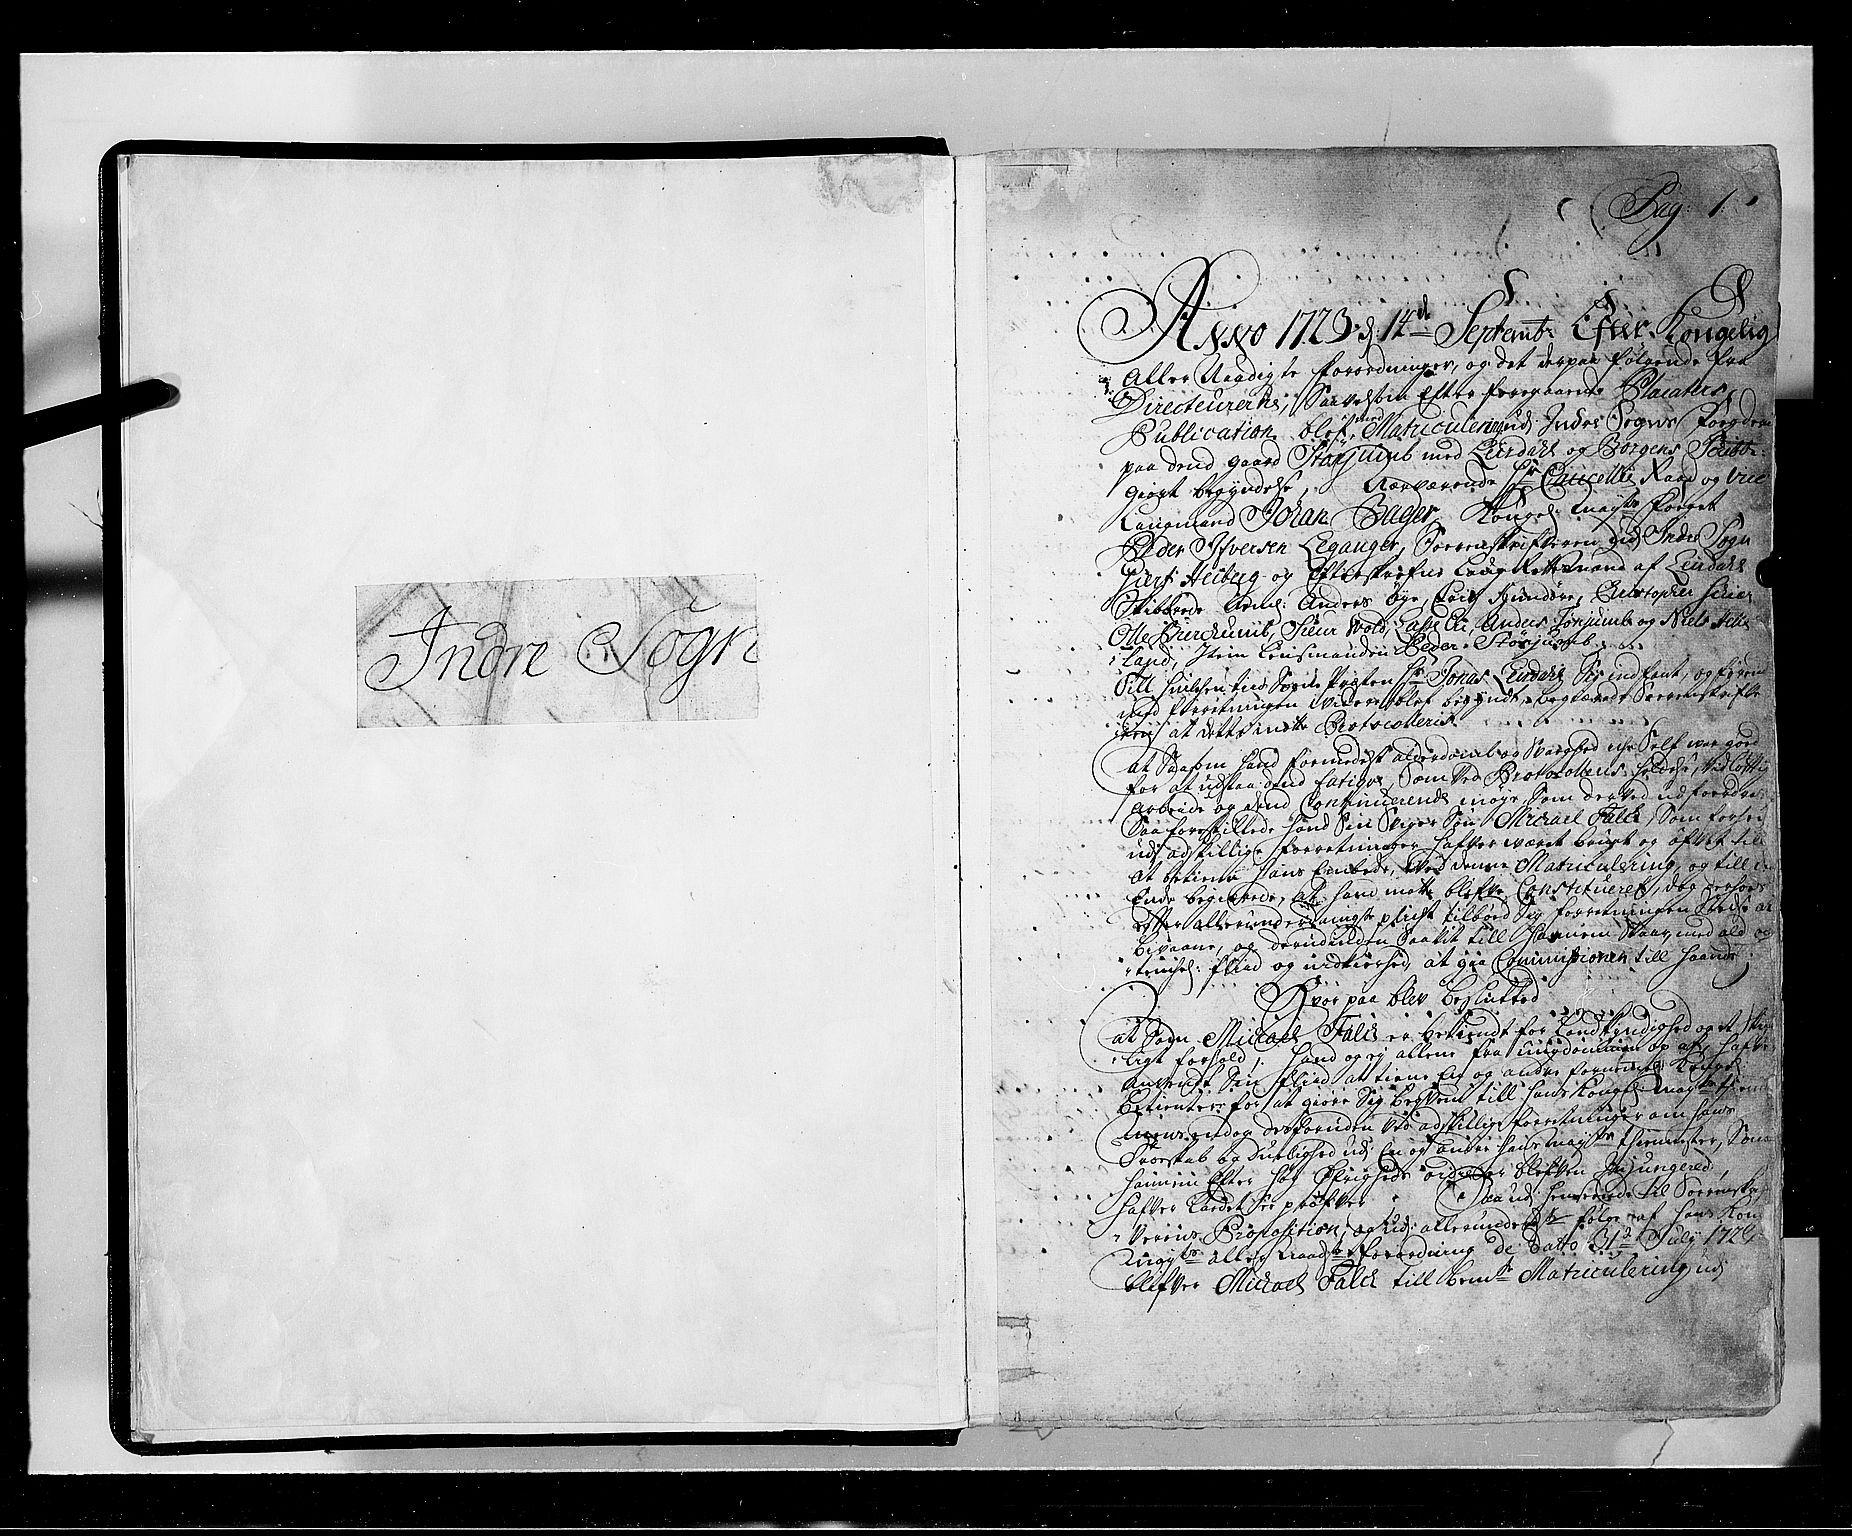 RA, Rentekammeret inntil 1814, Realistisk ordnet avdeling, N/Nb/Nbf/L0143: Ytre og Indre Sogn eksaminasjonsprotokoll, 1723, s. 1